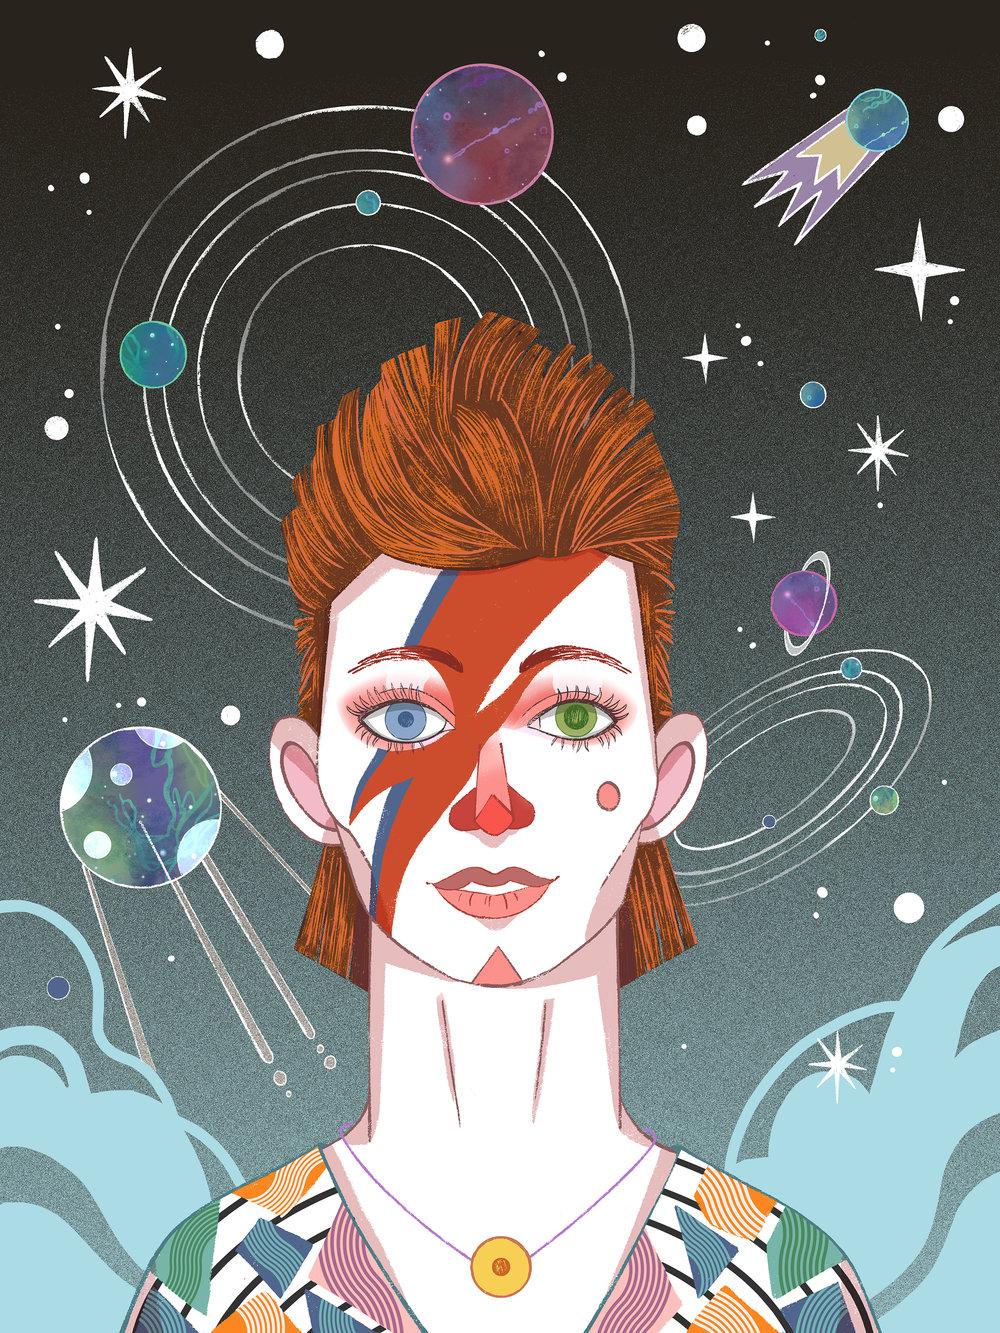 David Bowie by Èlia Meraki